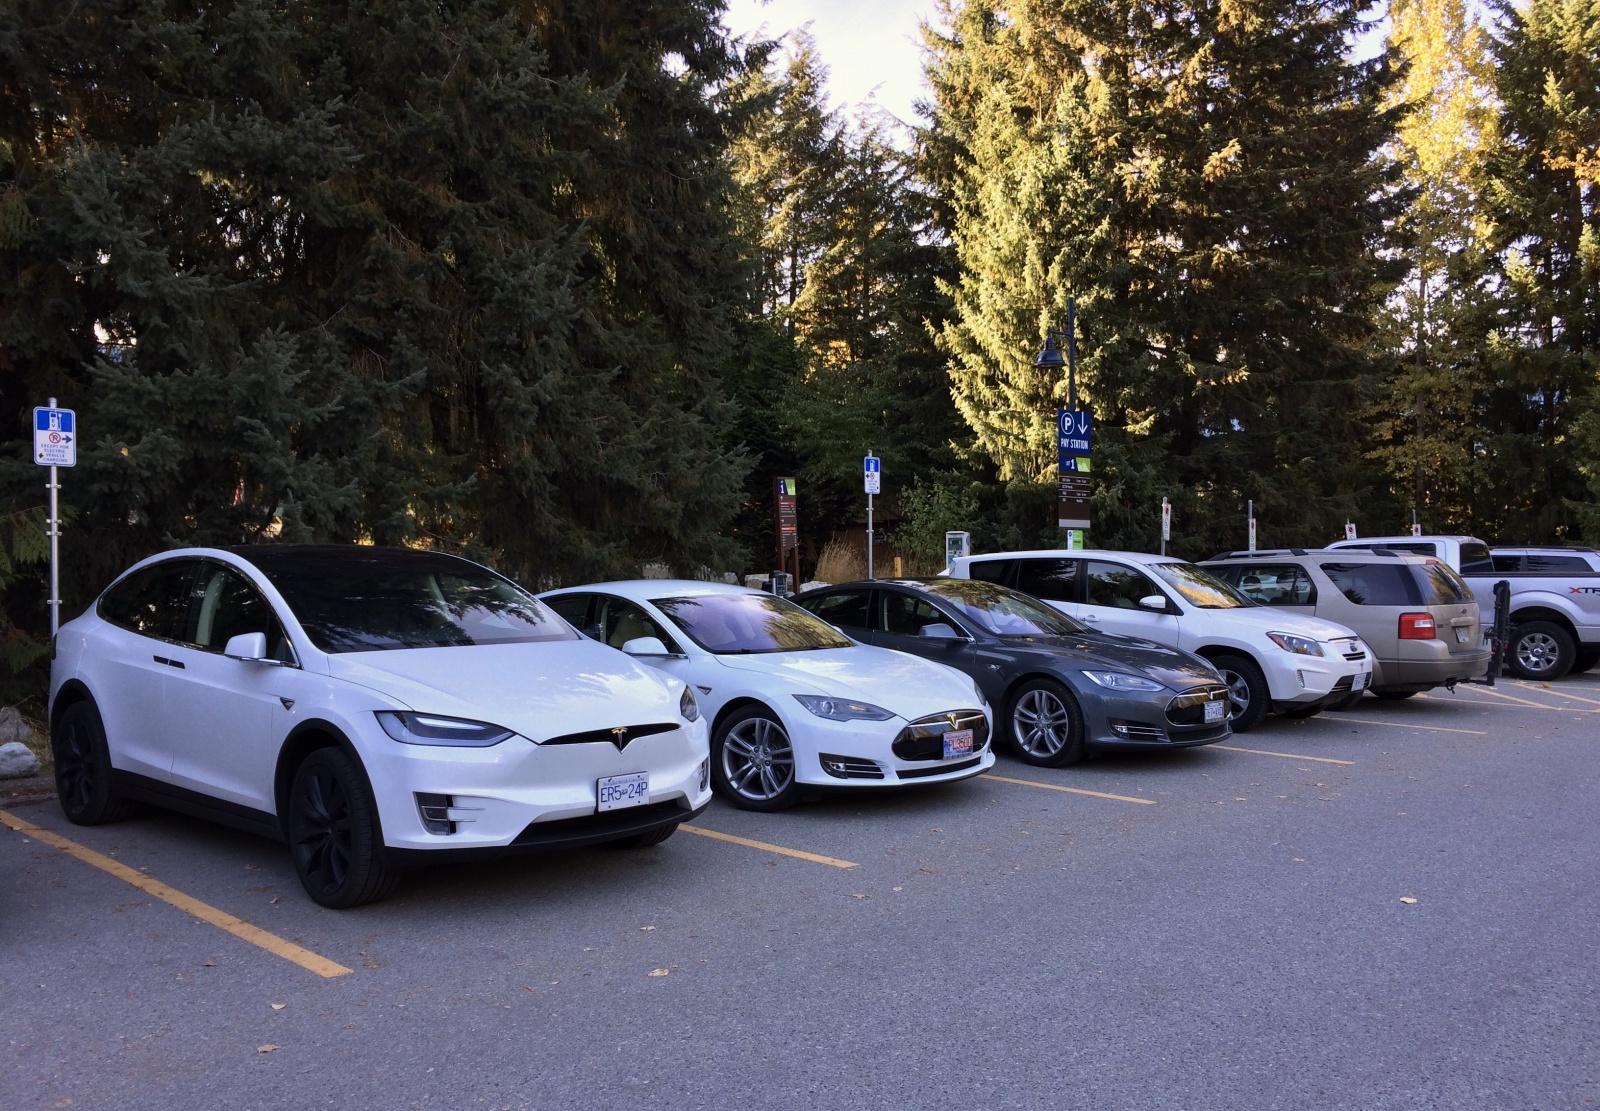 Более 50,000 зарядных станций для электромобилей в США - 1